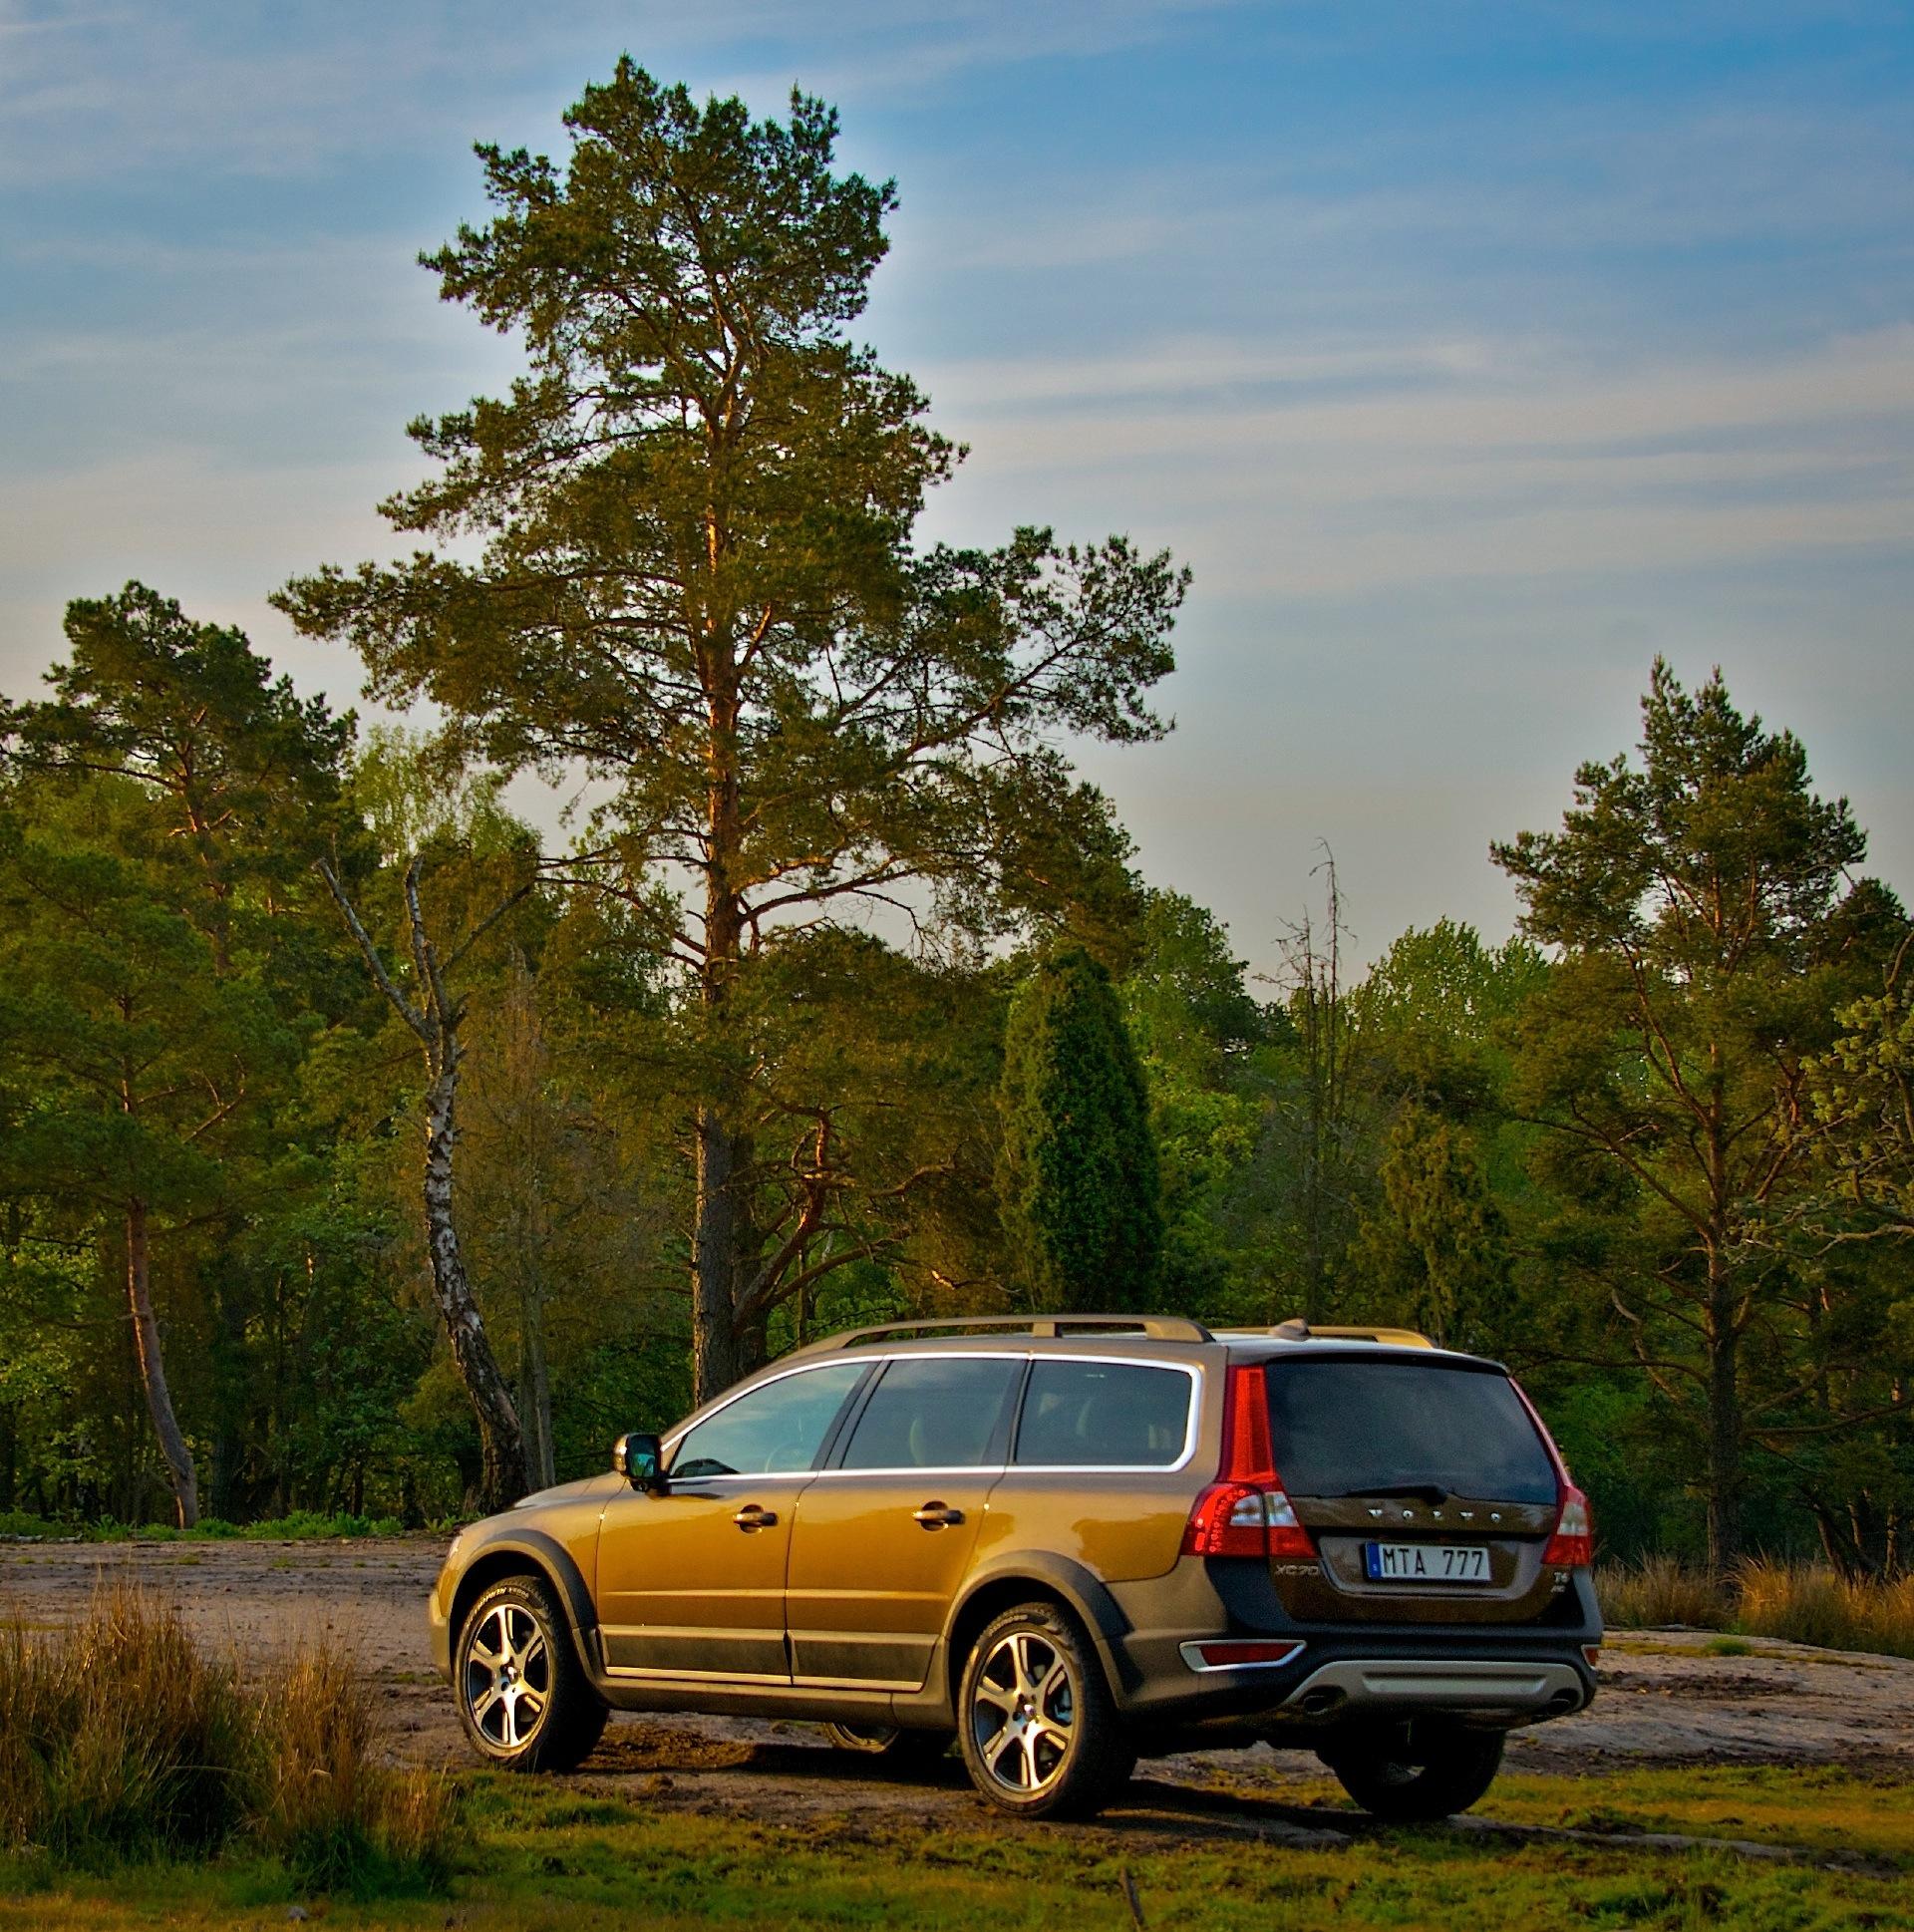 Volvo Xc70 2013: 2007, 2008, 2009, 2010, 2011, 2012, 2013